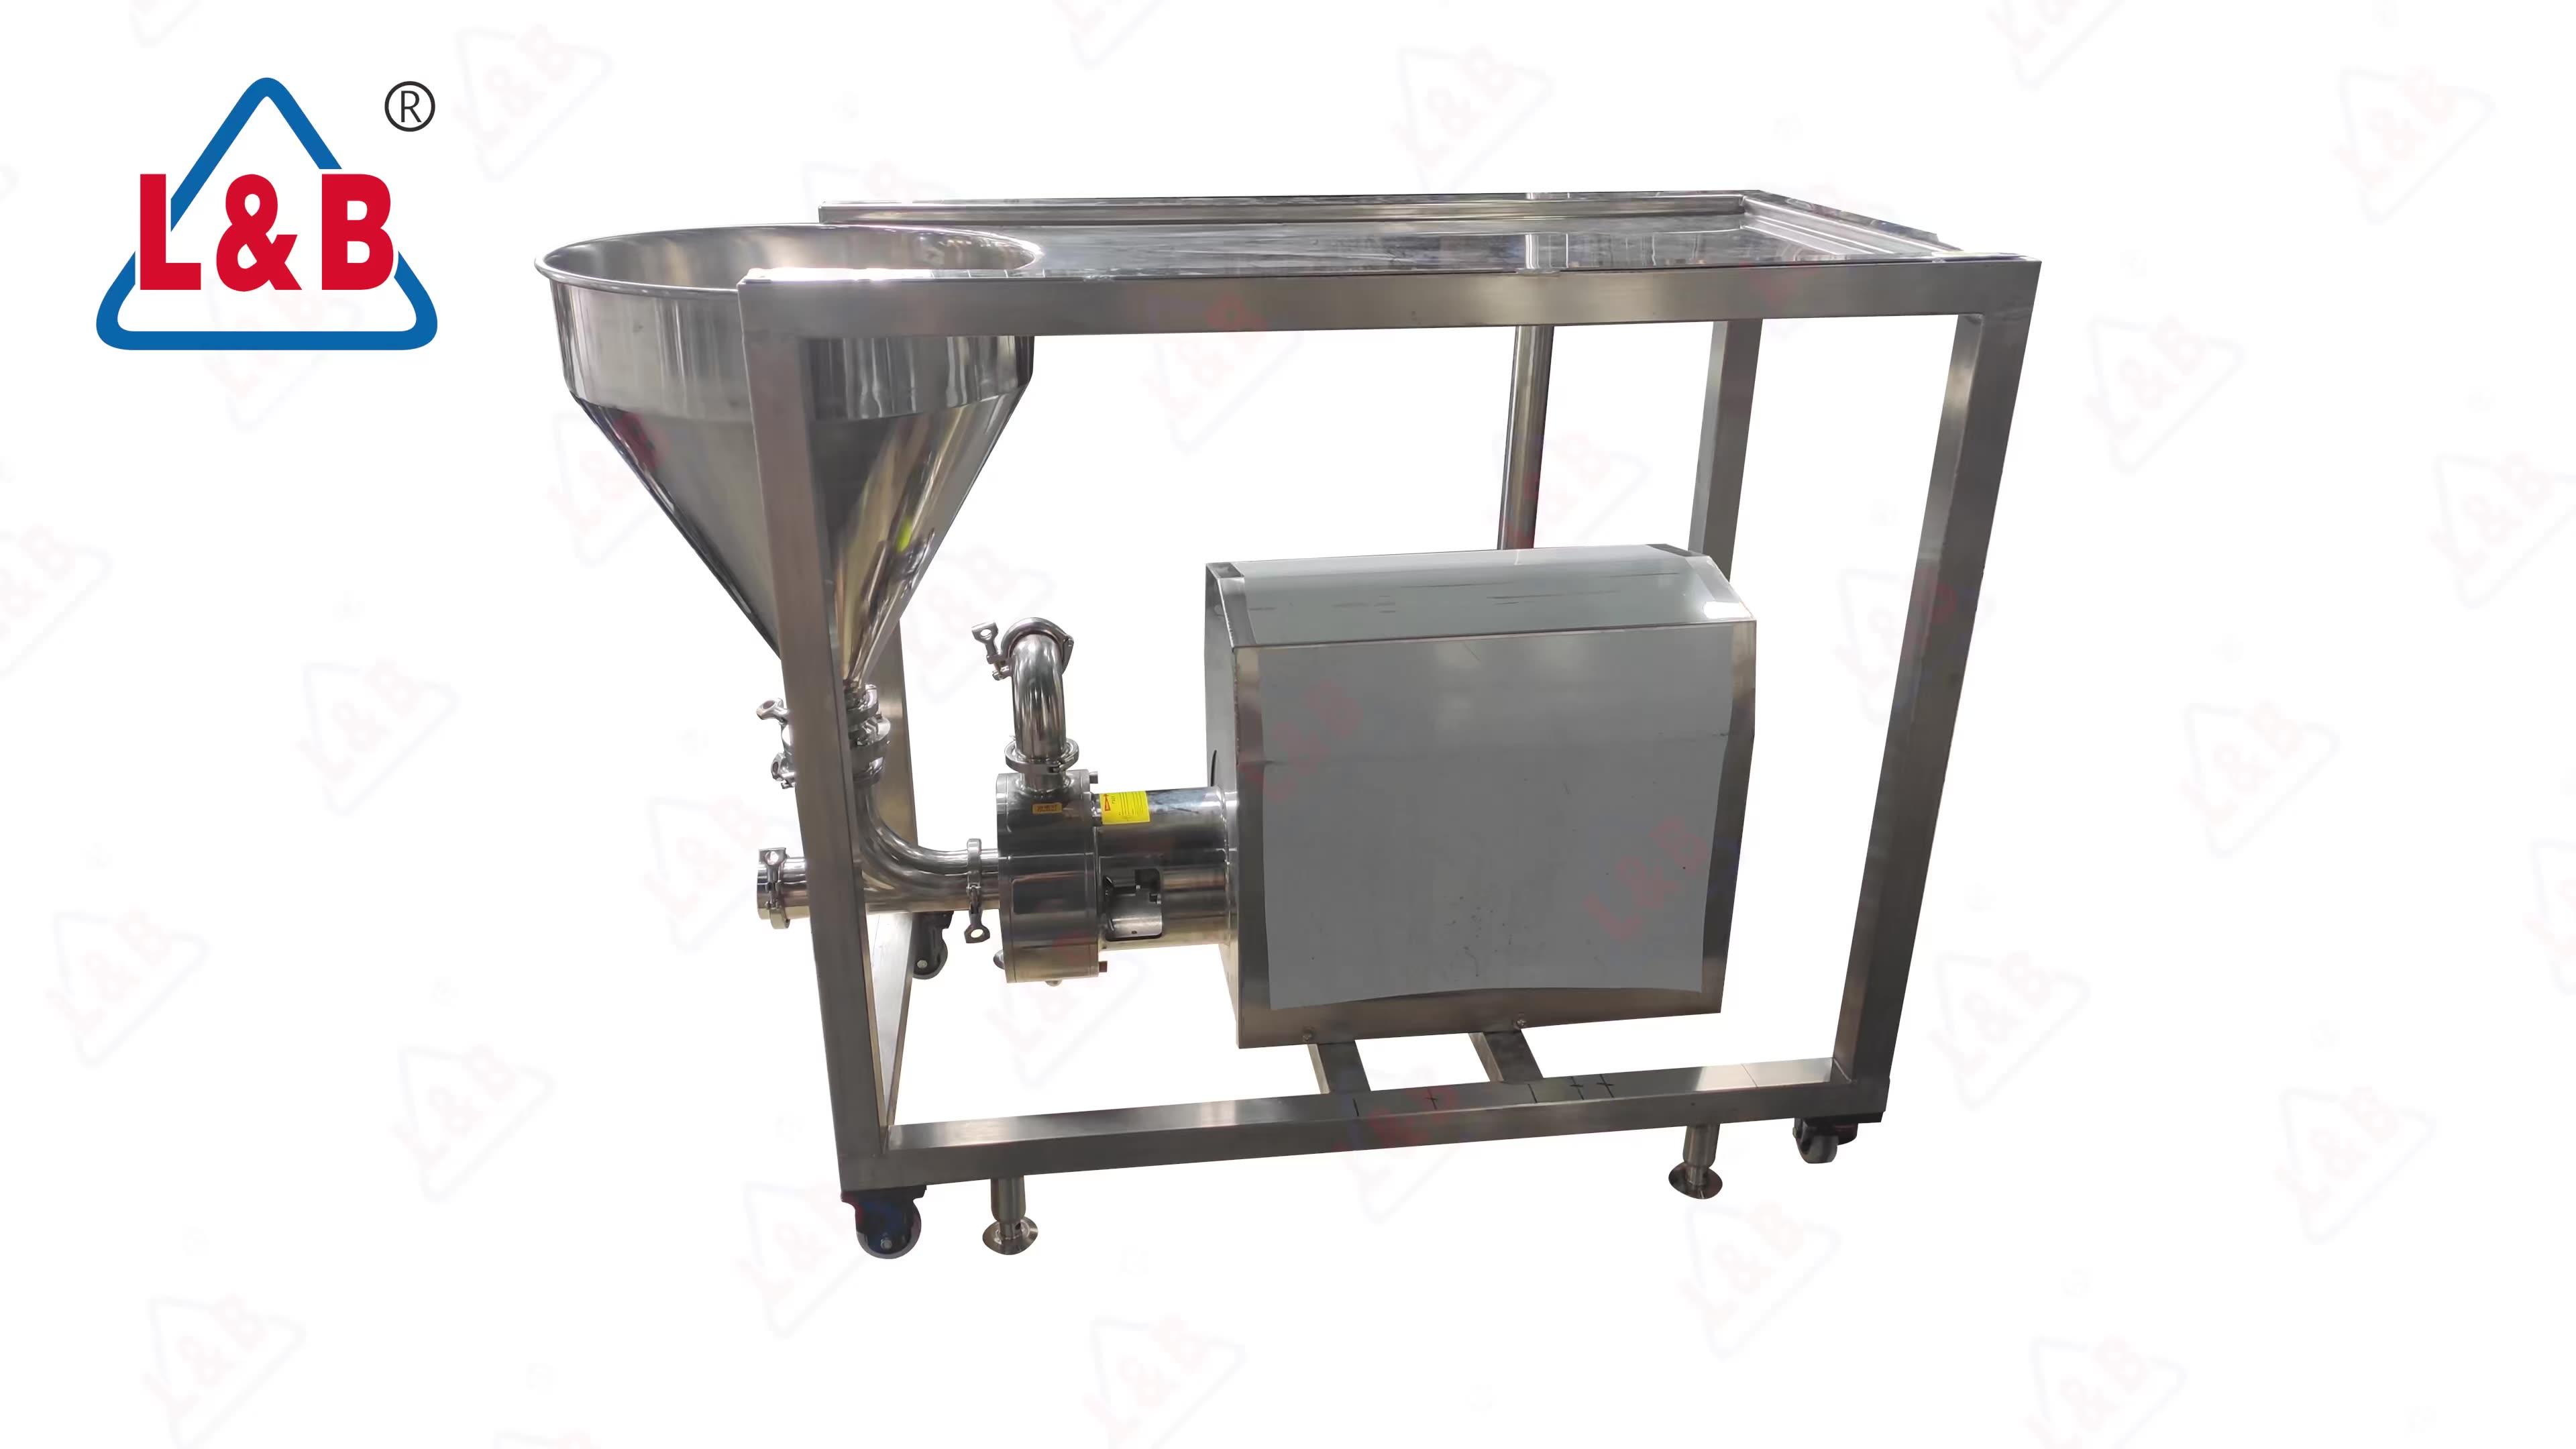 Paslanmaz çelik yüksek etkili su ve süt tozu karıştırma makinesi